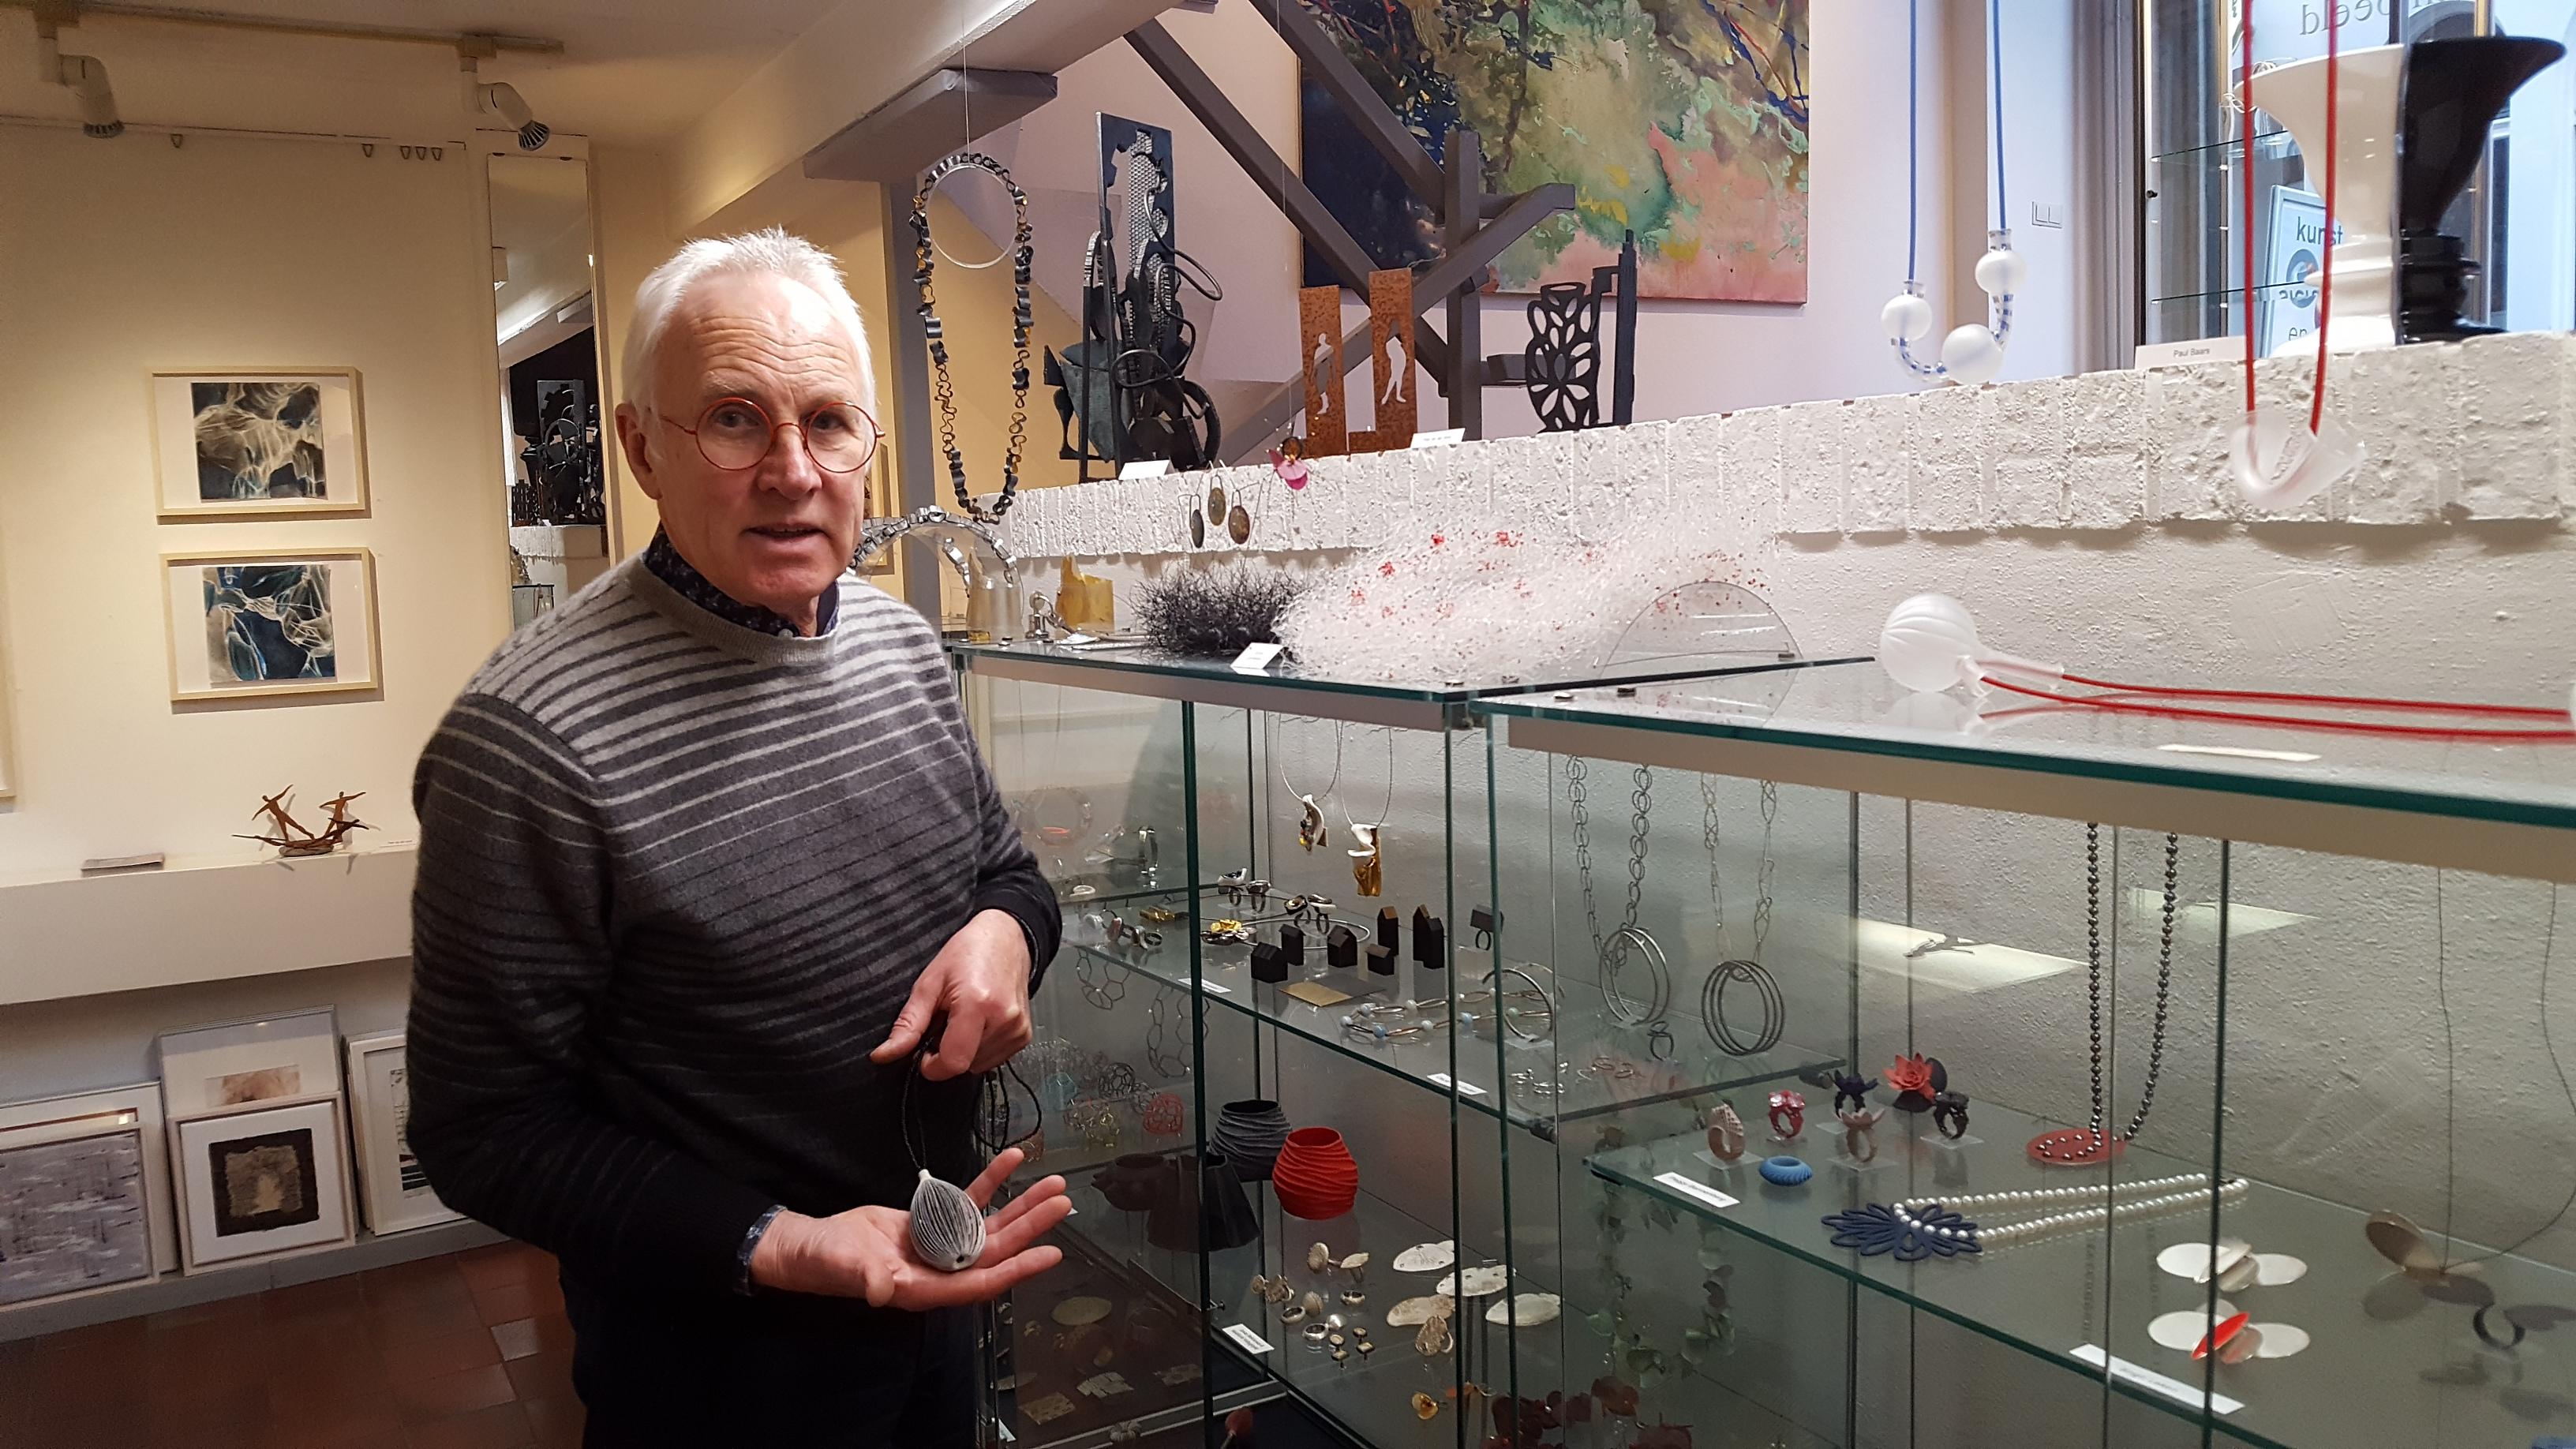 Karel Betman in Galerie Beeld & Aambeeld, portret, vitrines, halssieraad, Maria Hees, glas, koord